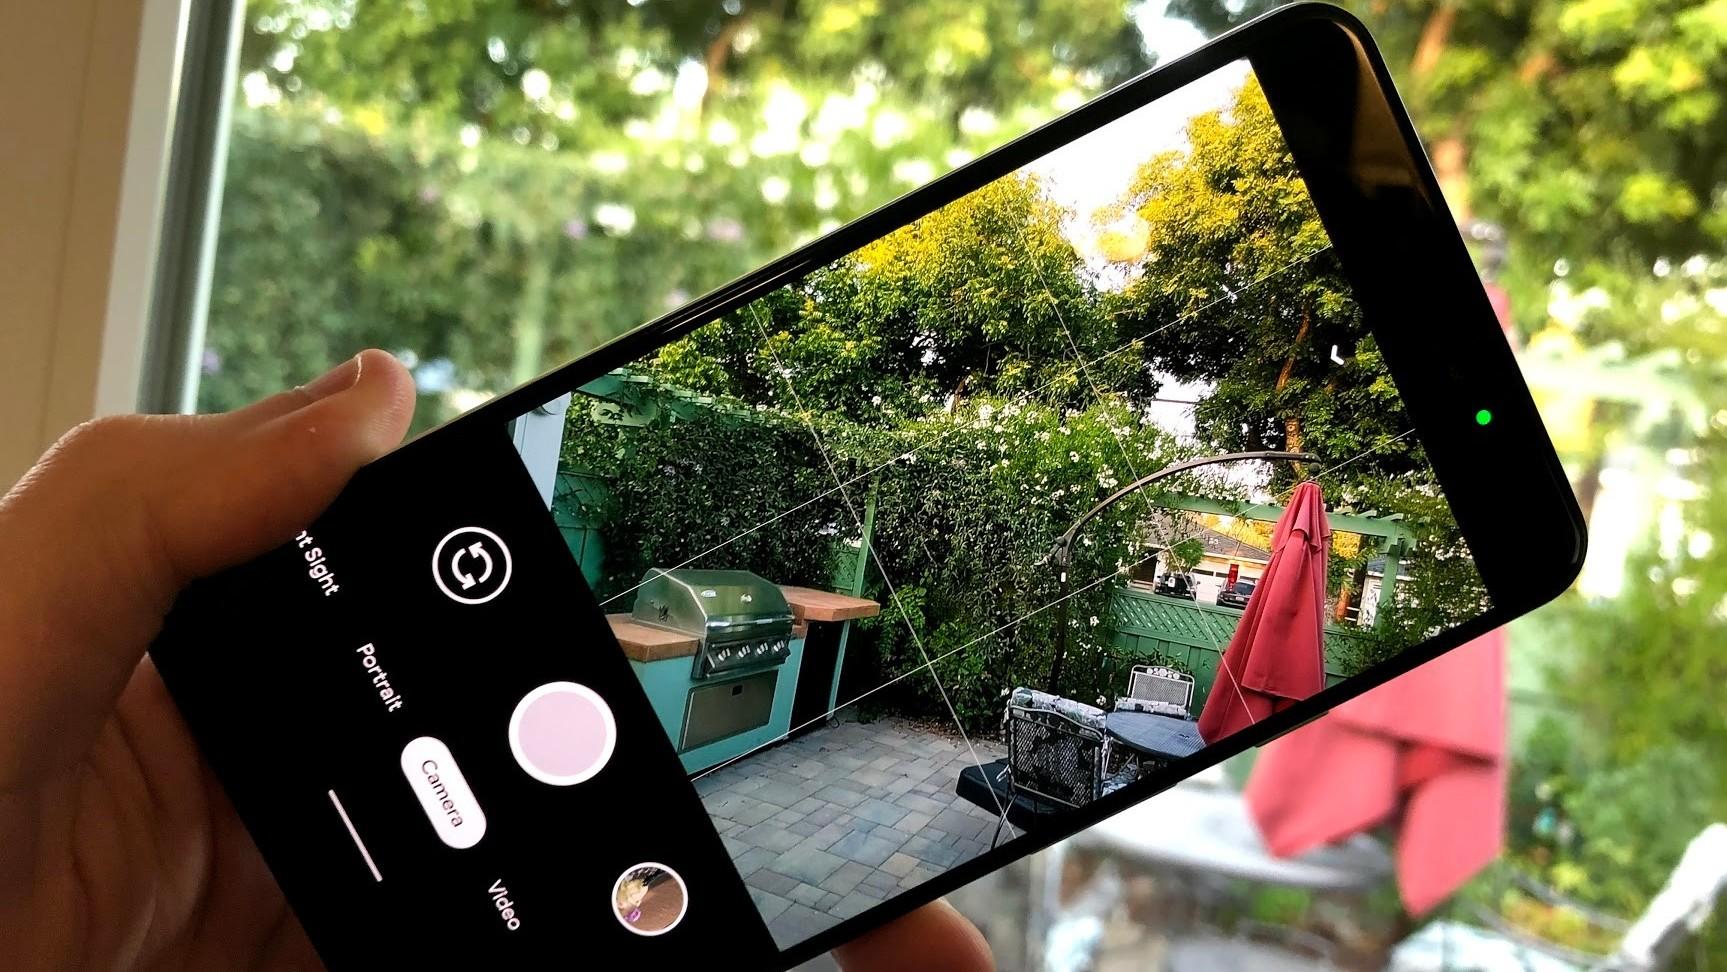 За любым человеком можно проследить через камеру его смартфона - вот как это сделать